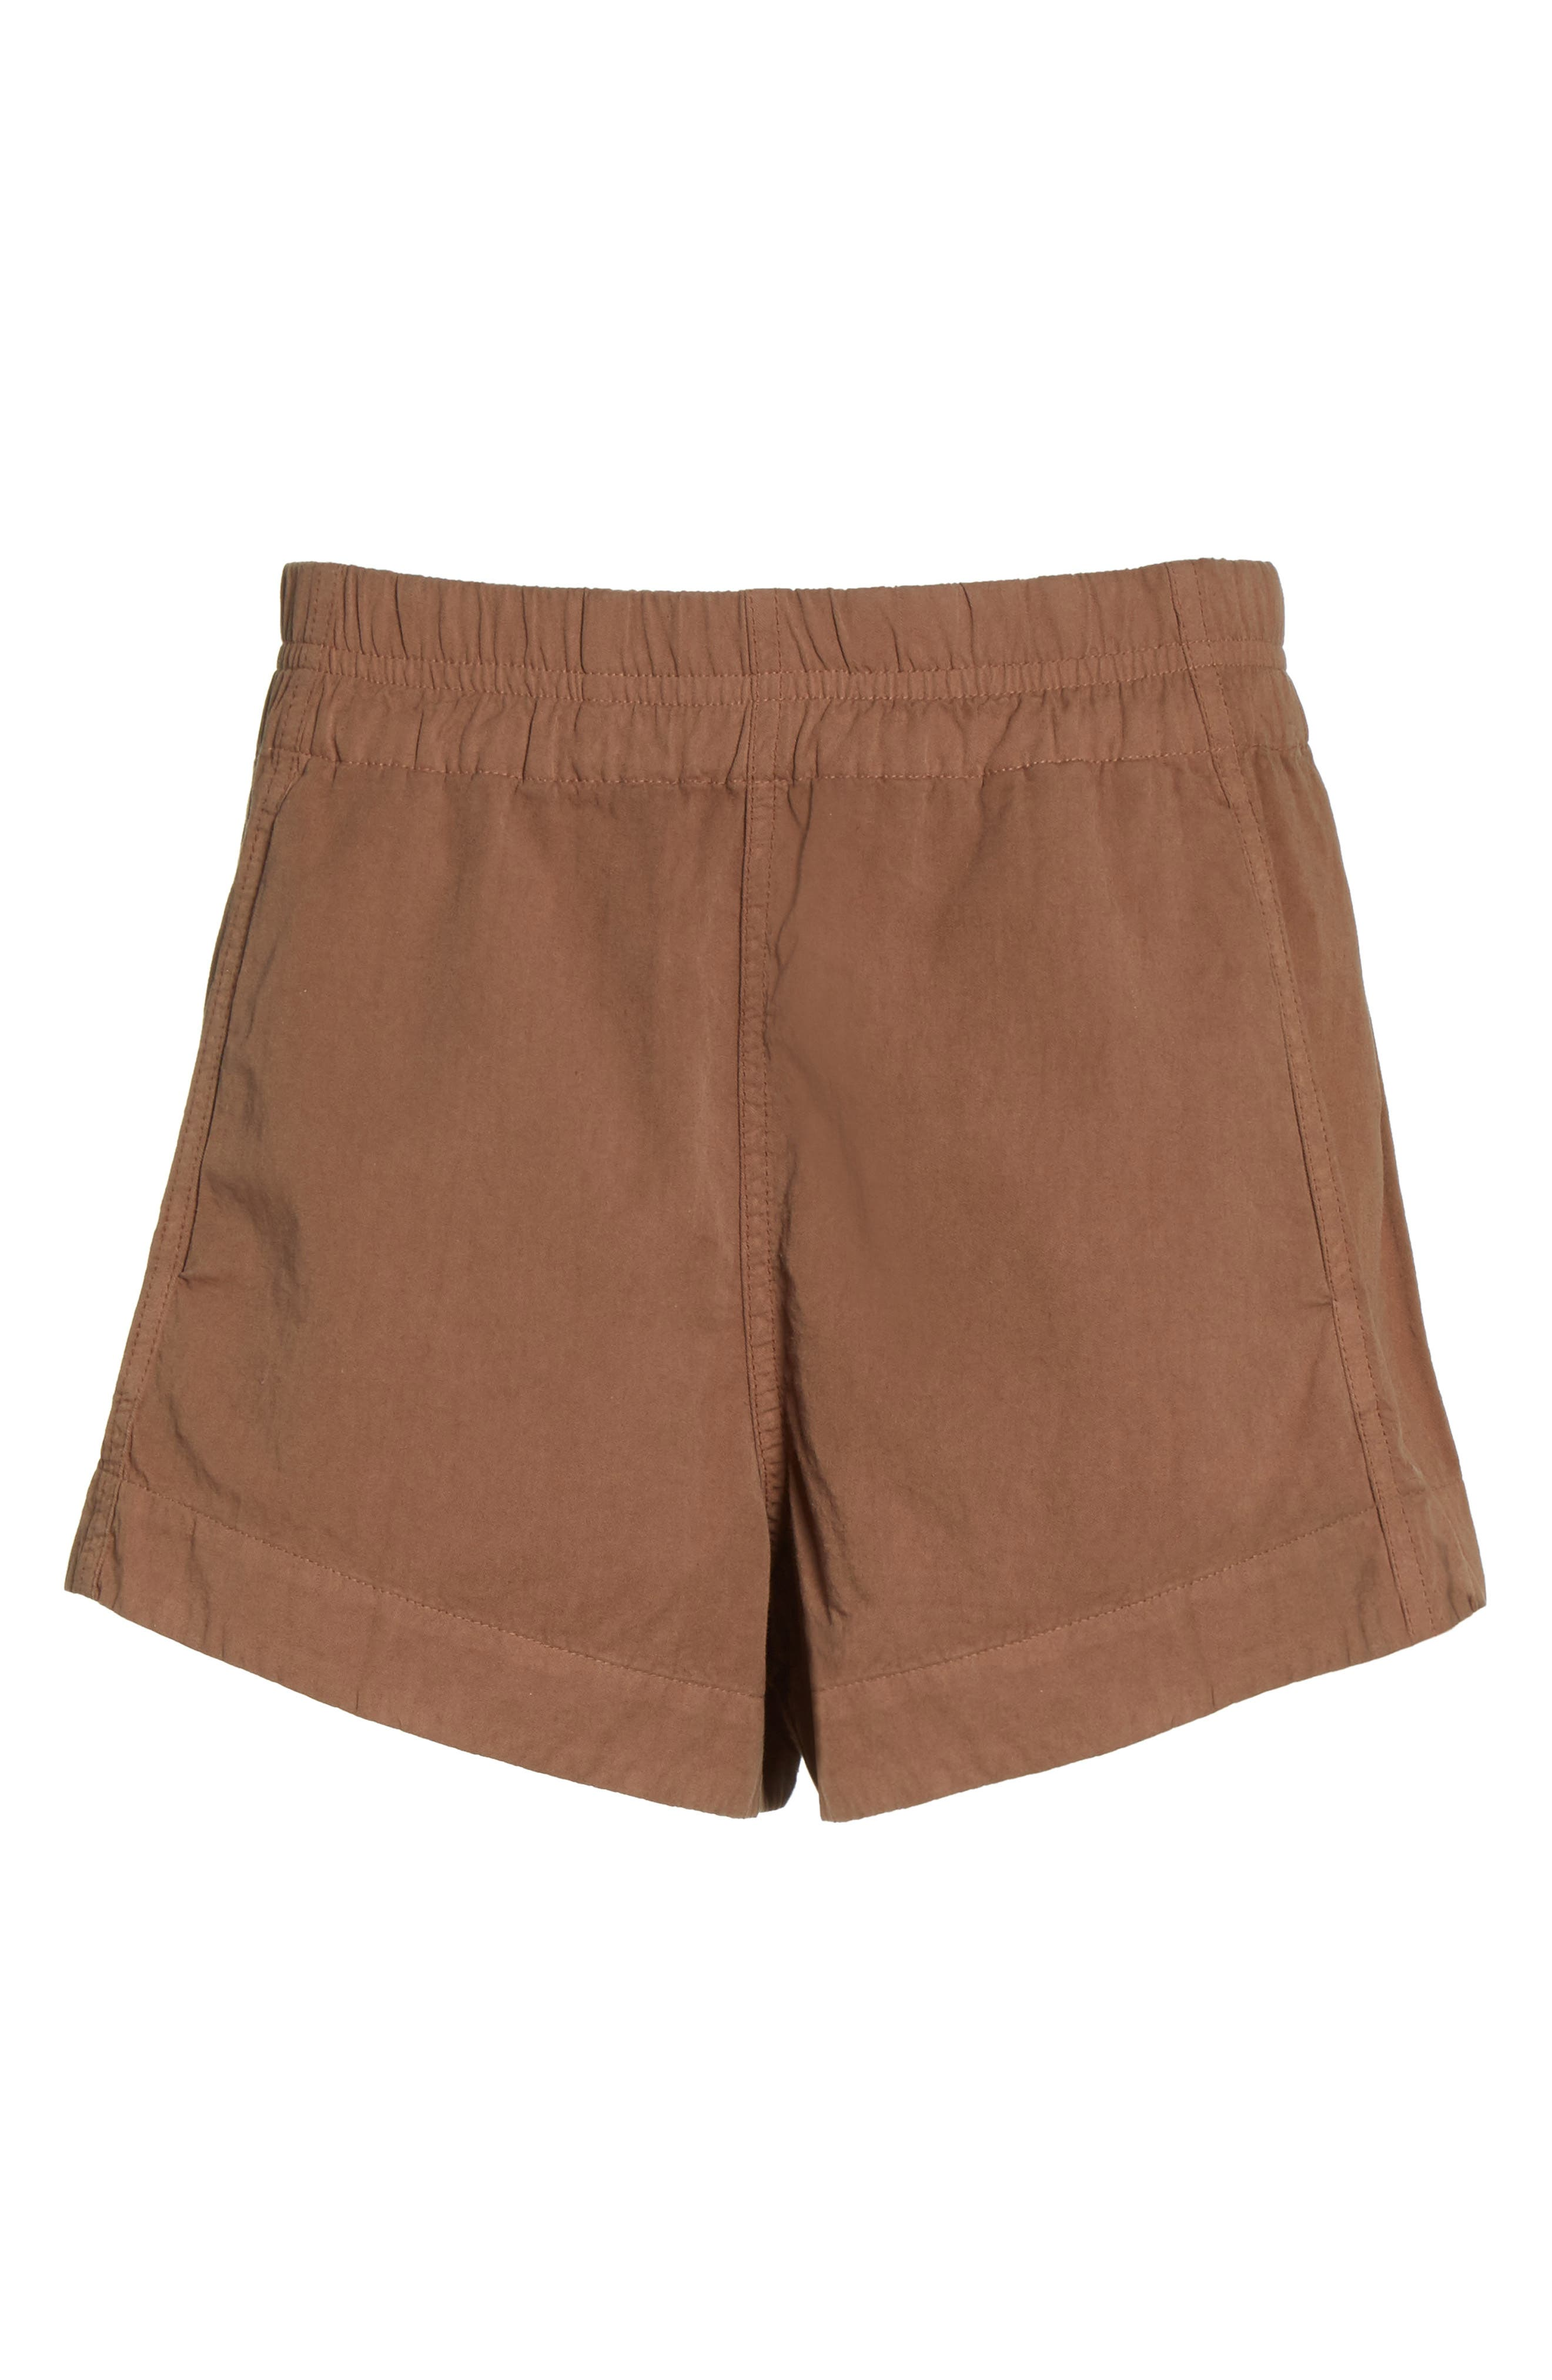 Denys Runner Shorts,                             Alternate thumbnail 6, color,                             Pachumama